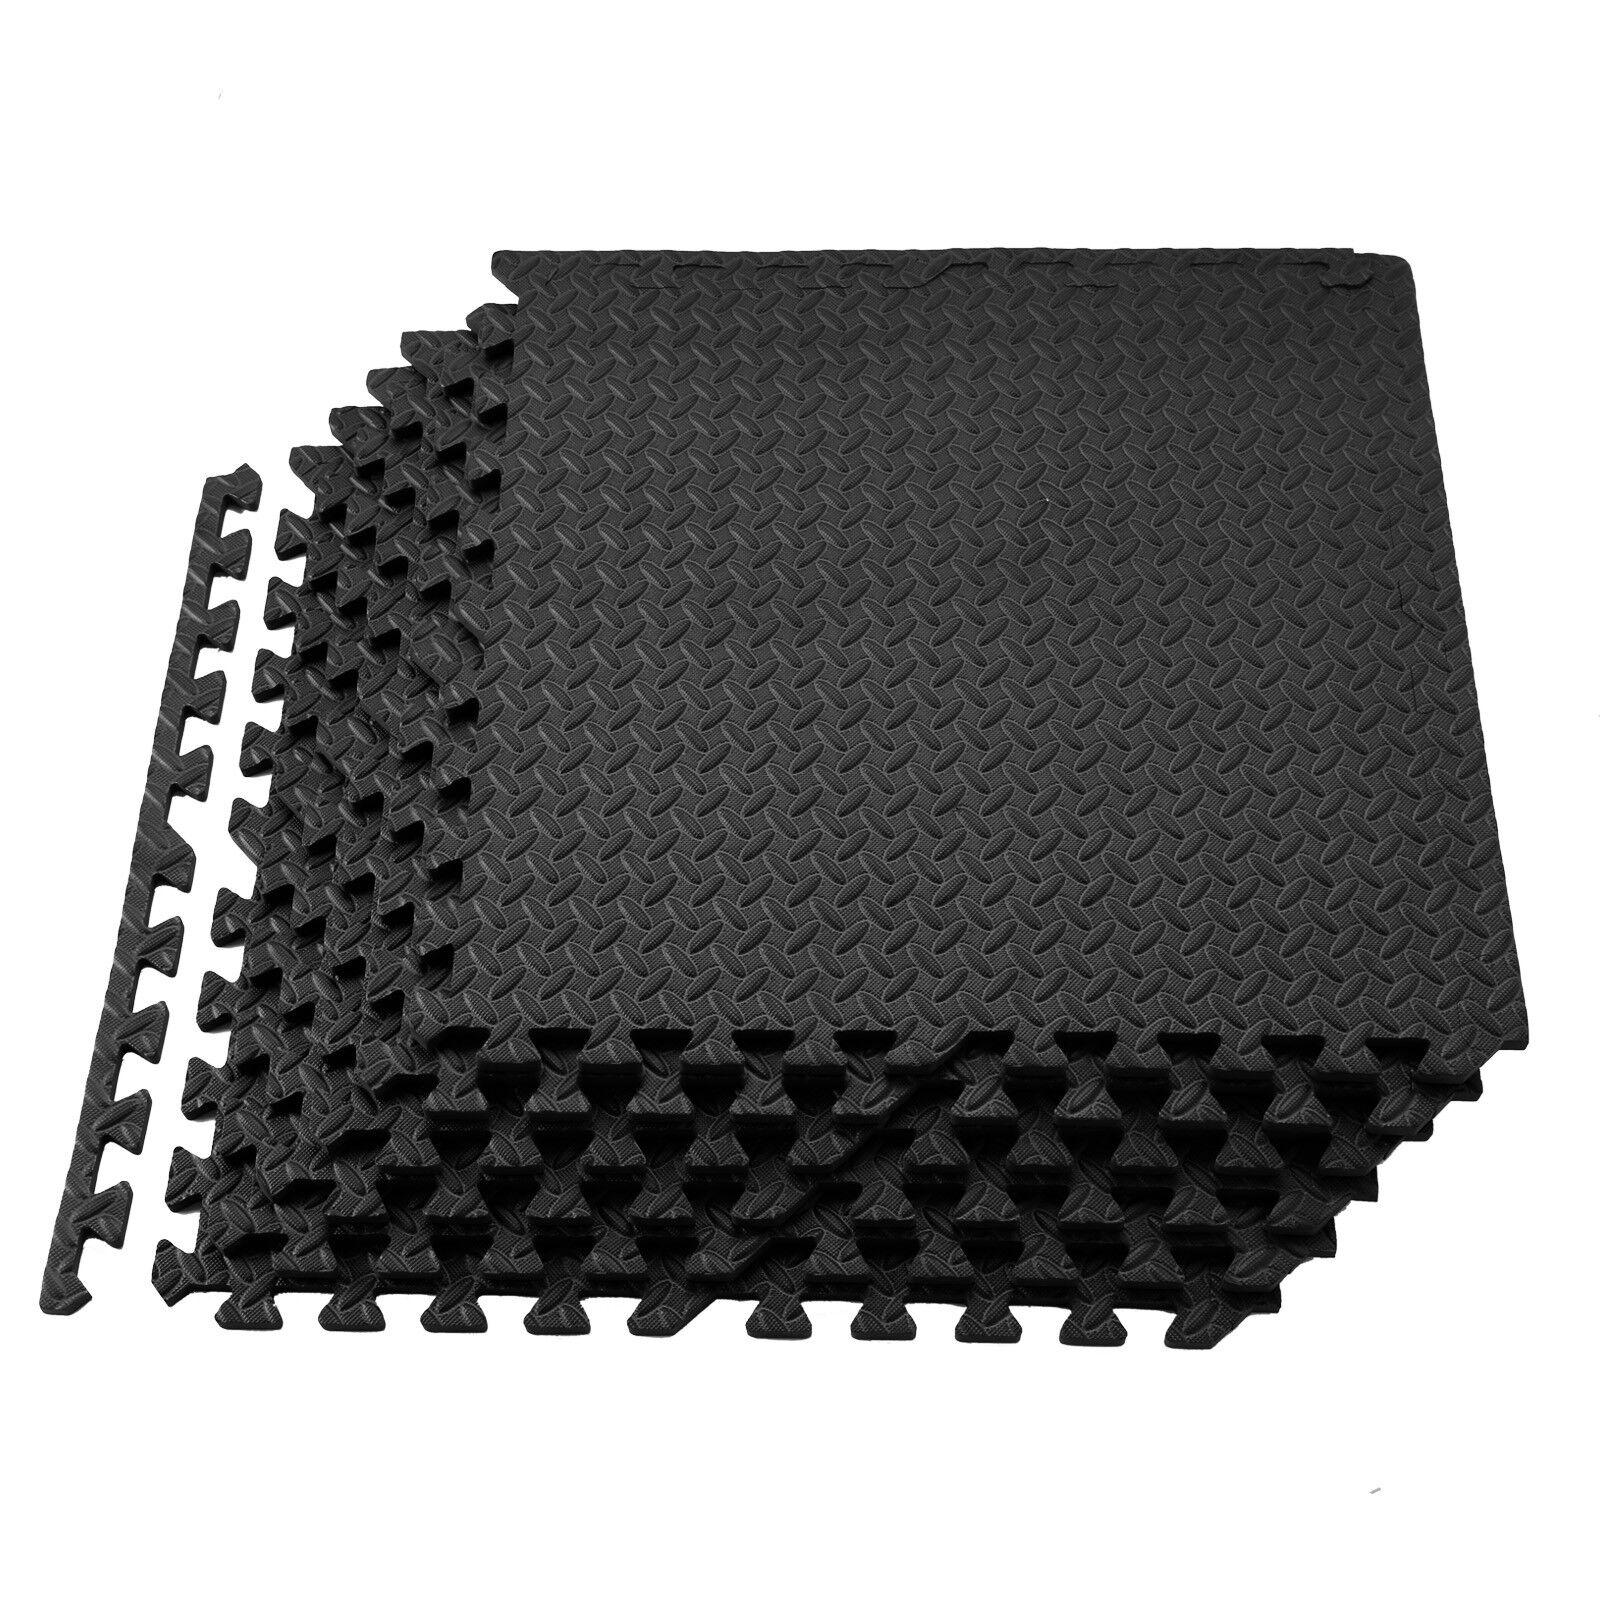 24sq Ft Interlocking Eva Foam Floor